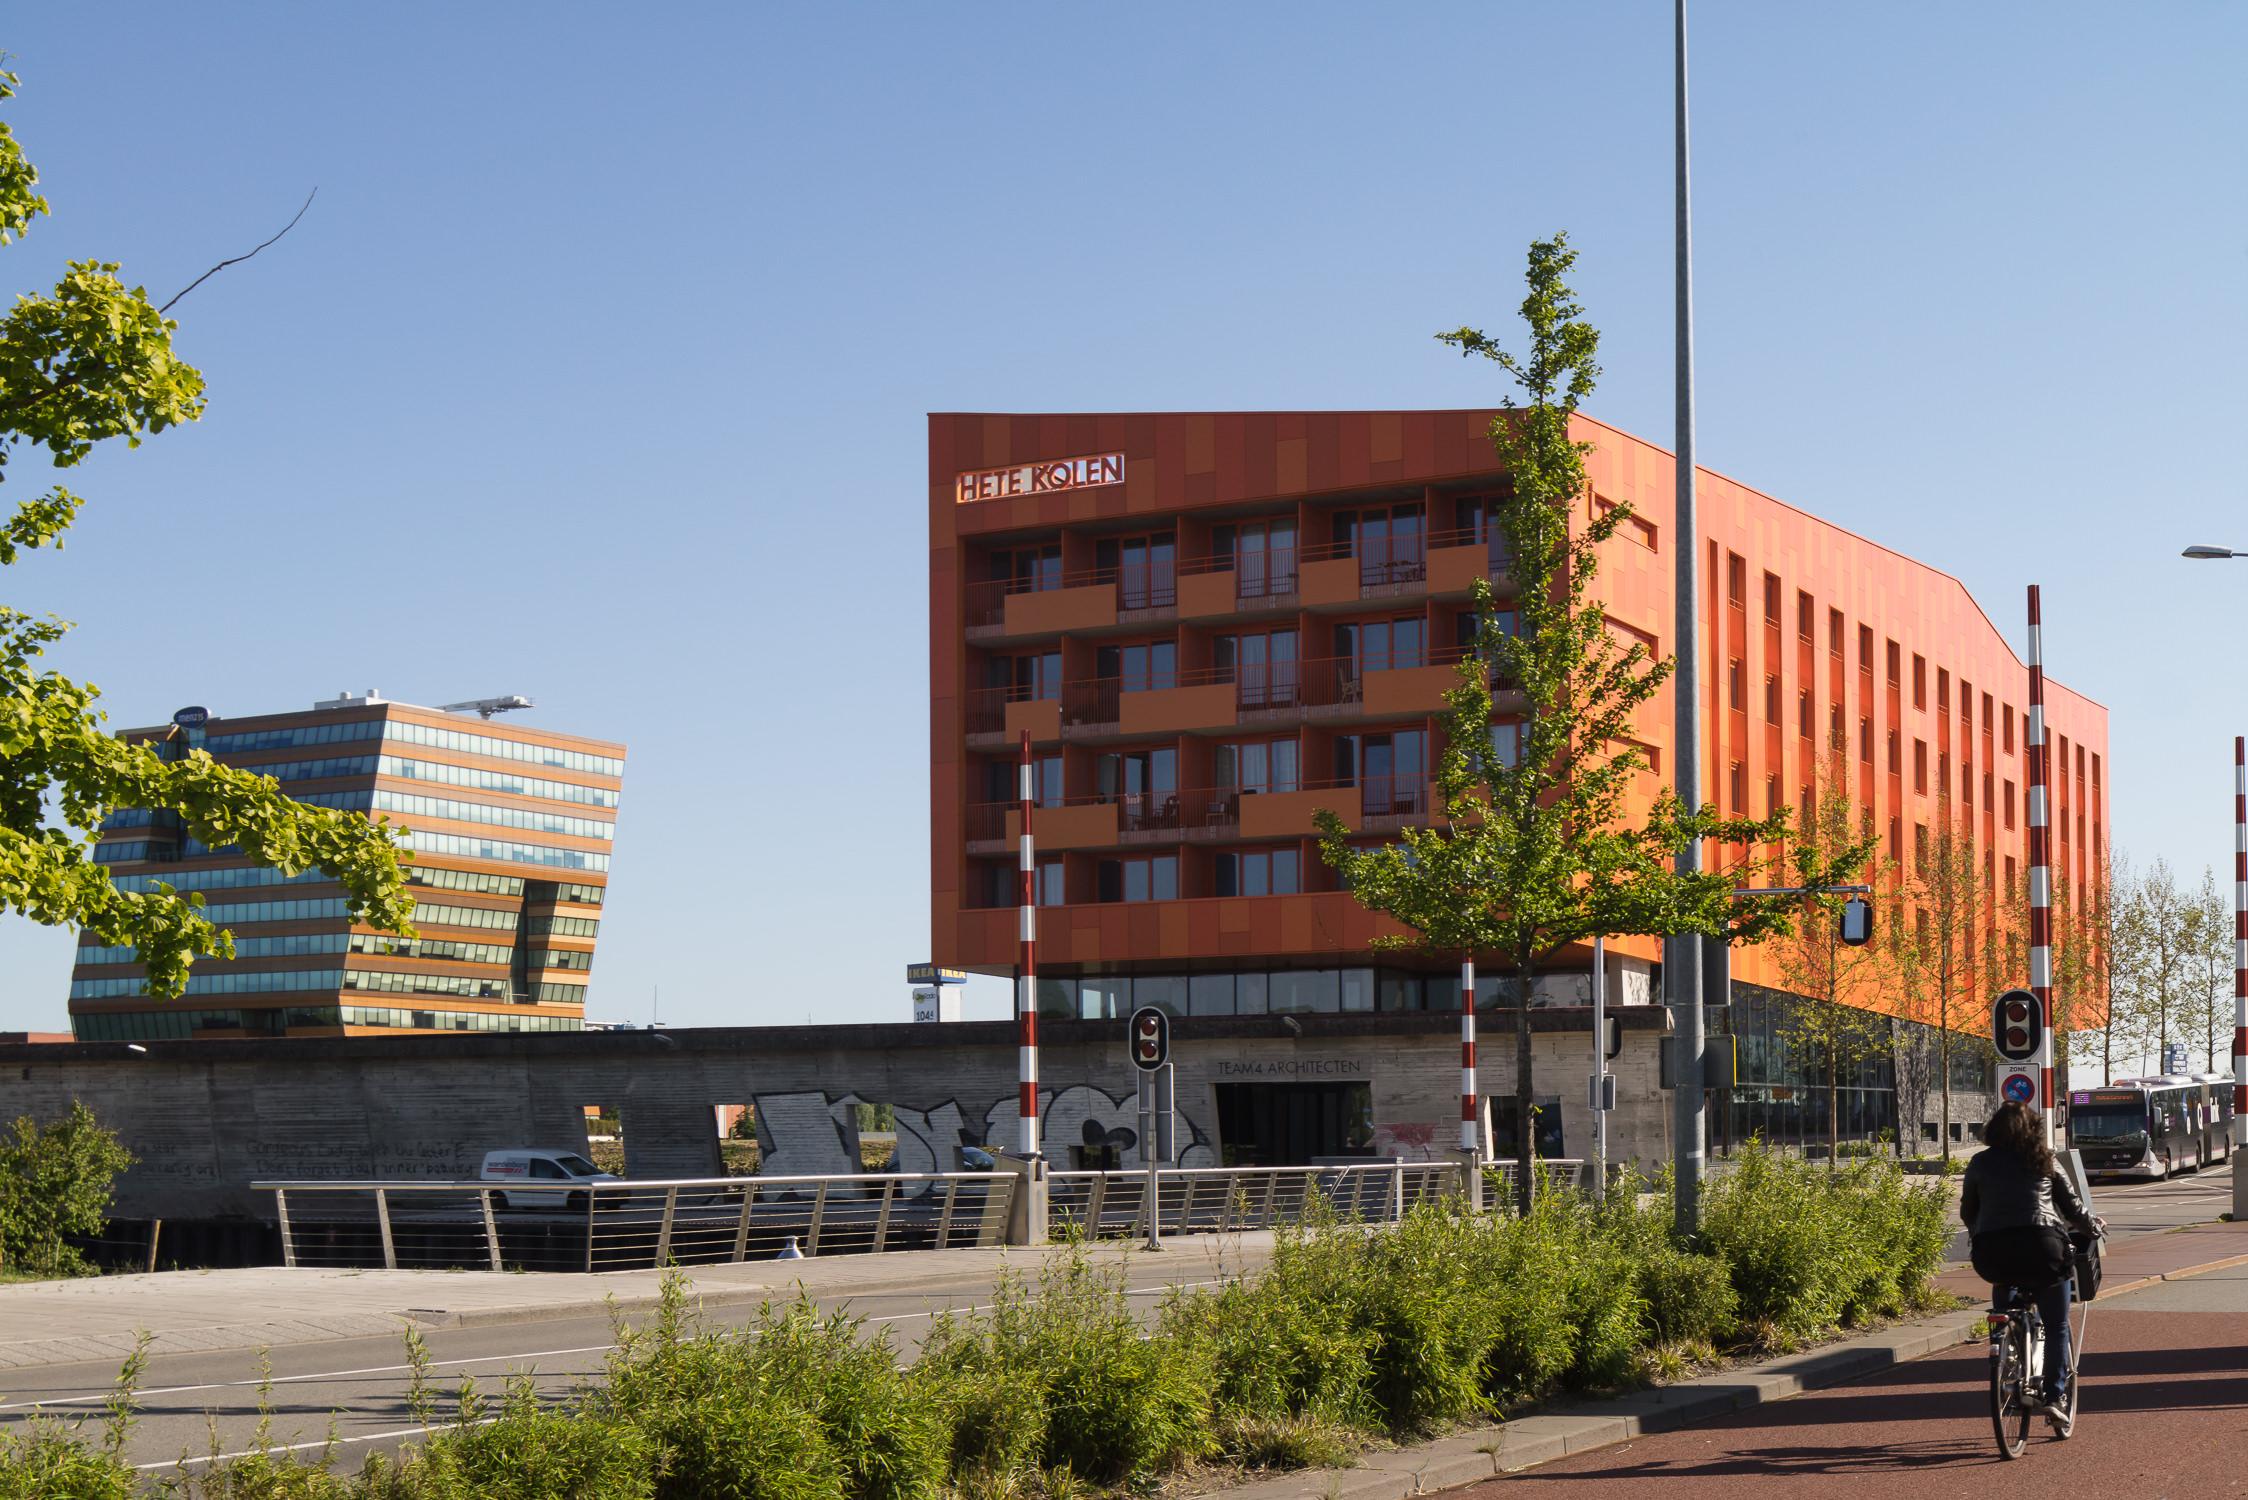 architectuurfotograaf mark hadden amsterdam rotterdam netherlands